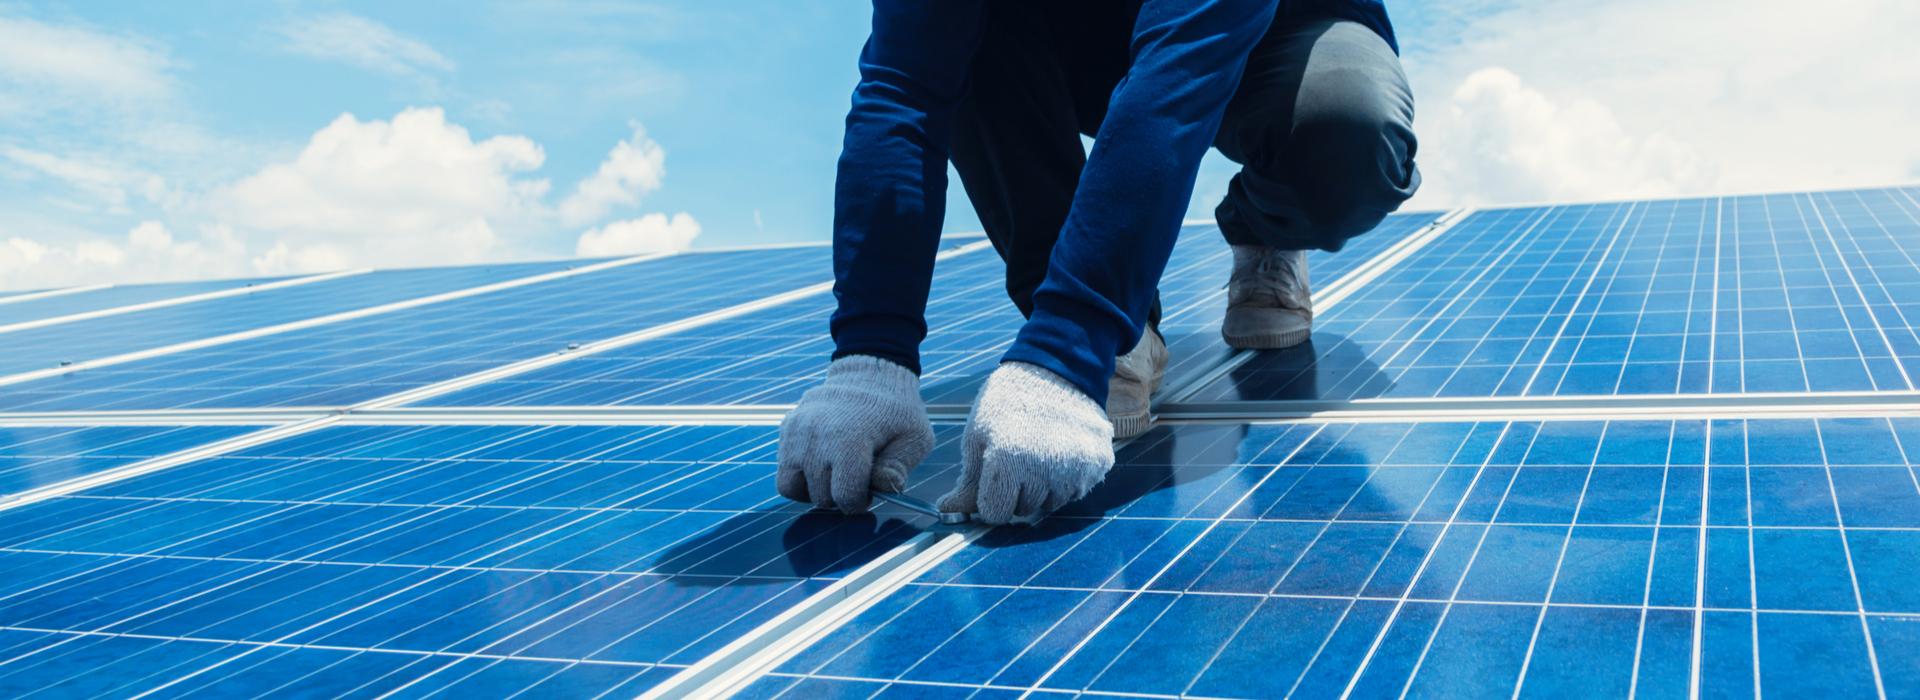 Solarpanels Montage